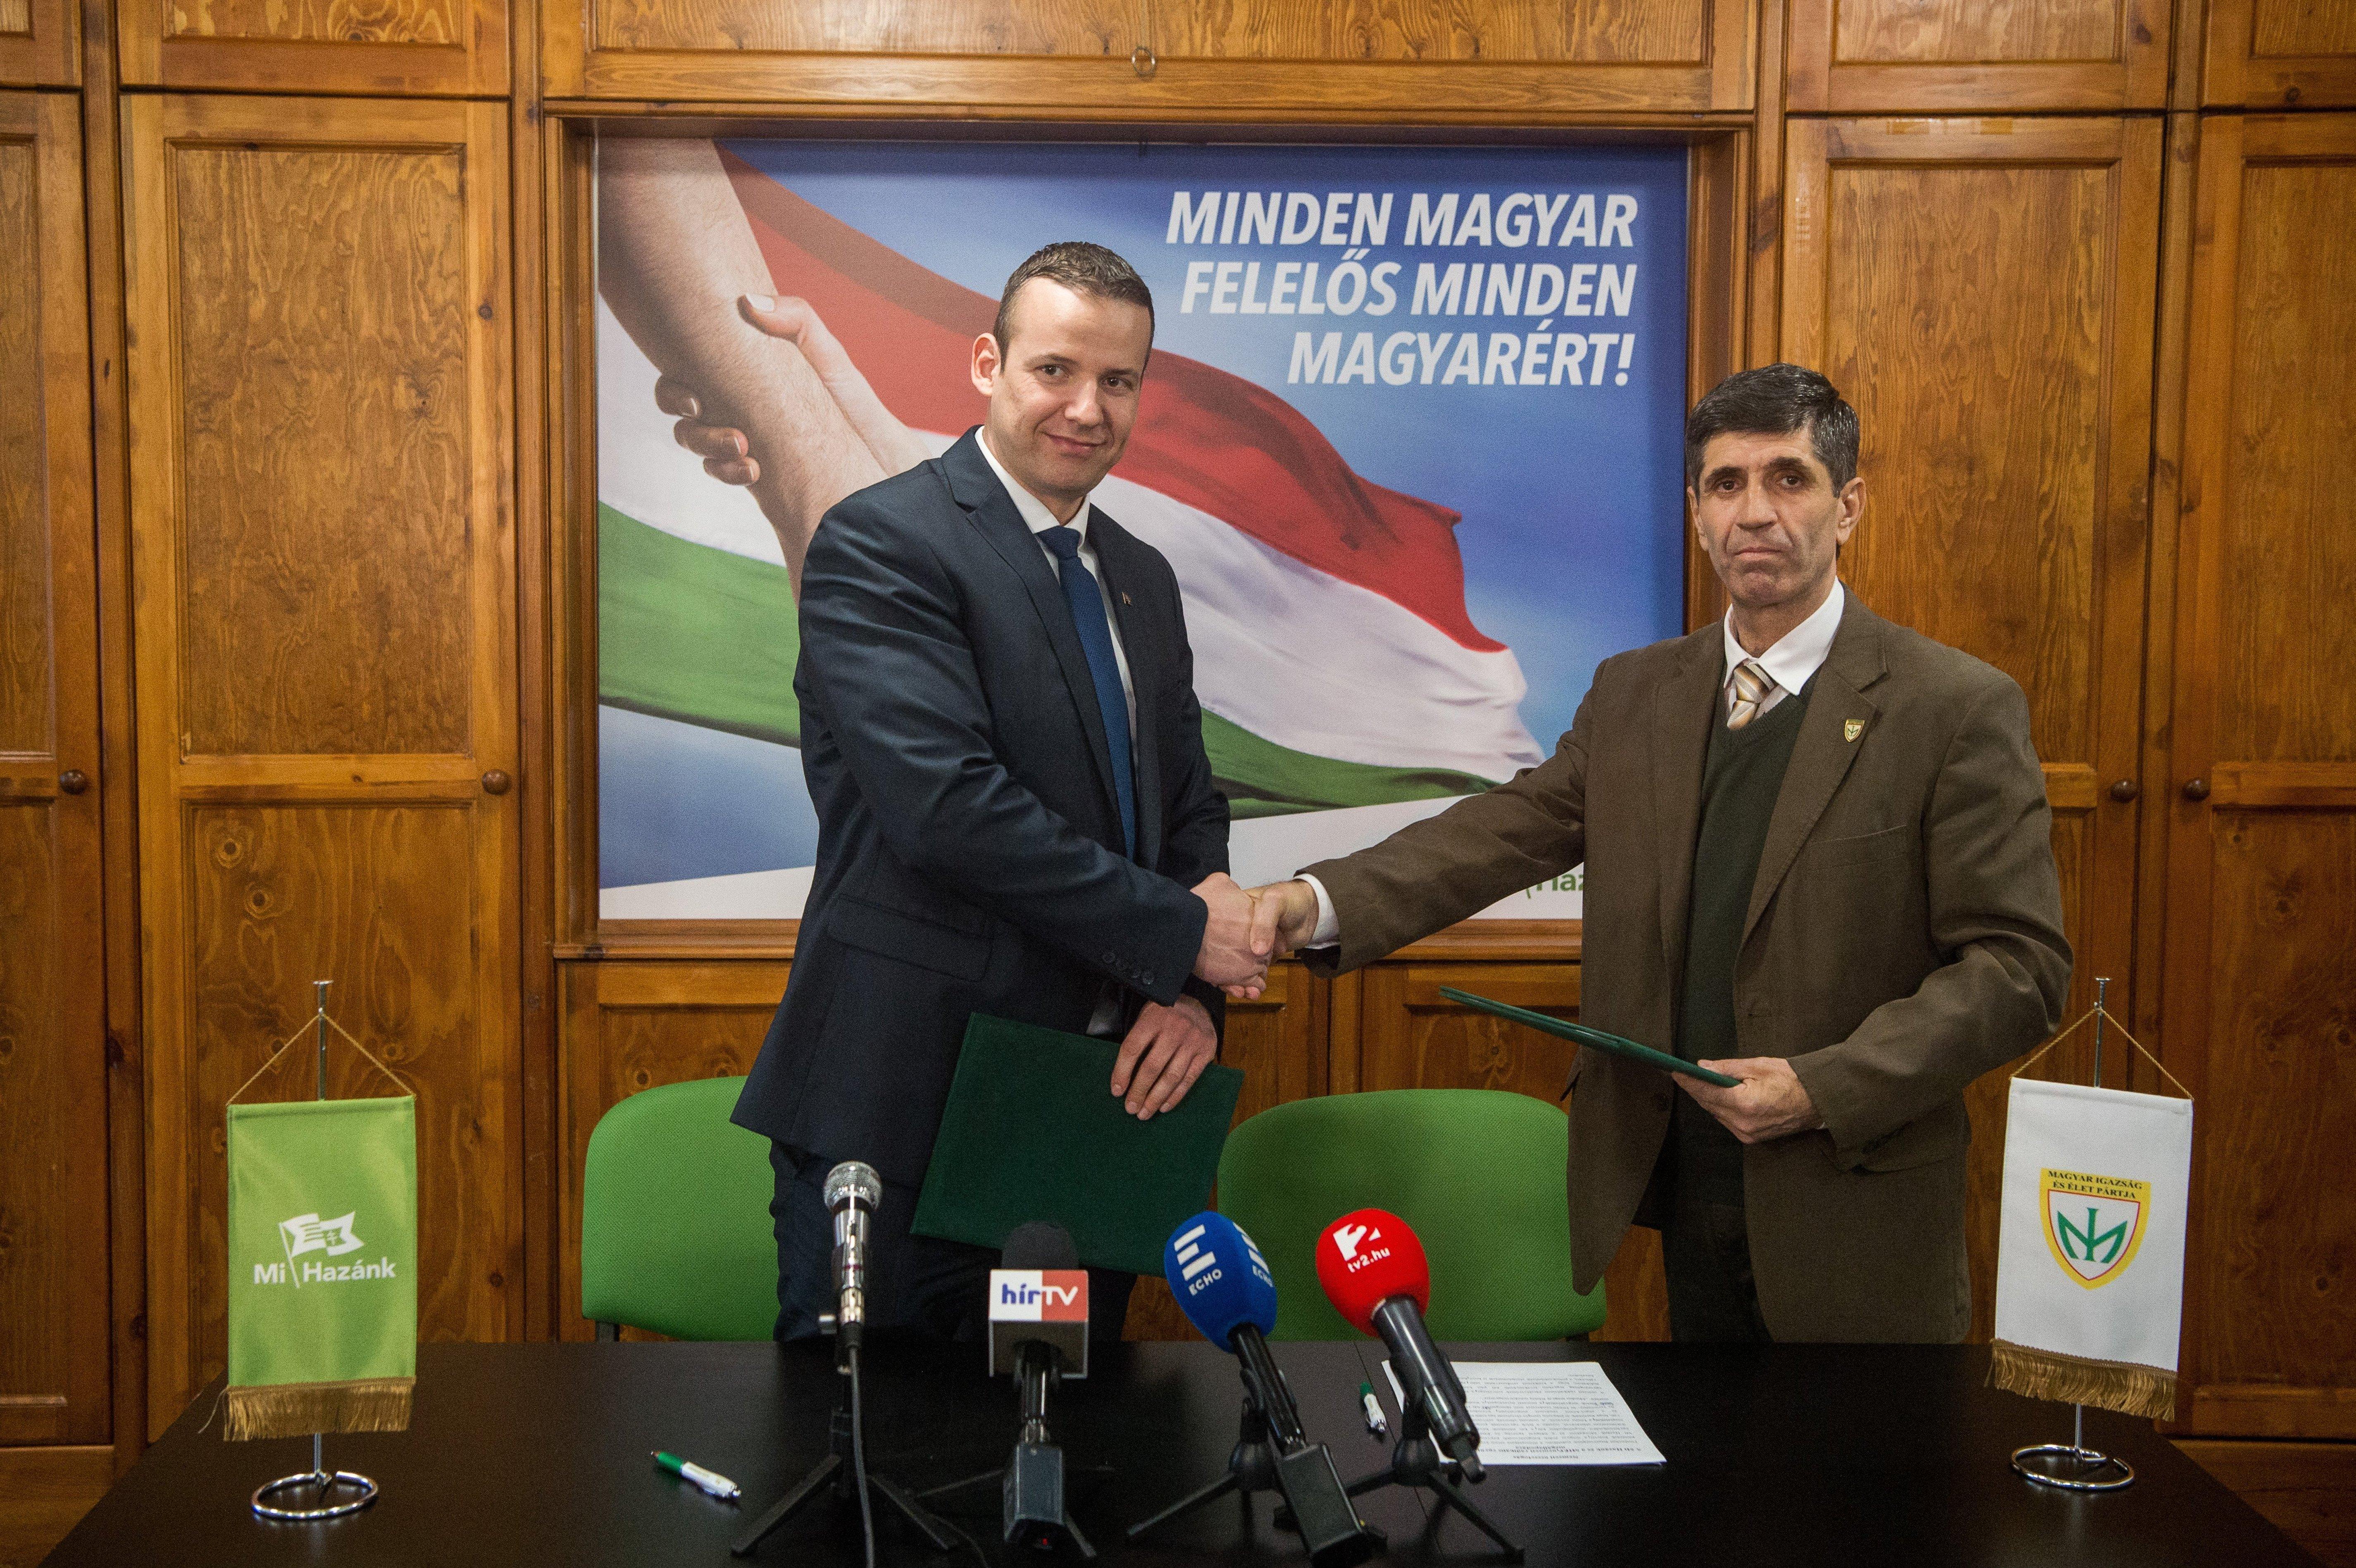 Itt a szegény ember Fidesz–KDNP-je: együttműködési megállapodást kötött a Mi Hazánk Mozgalom és a MIÉP